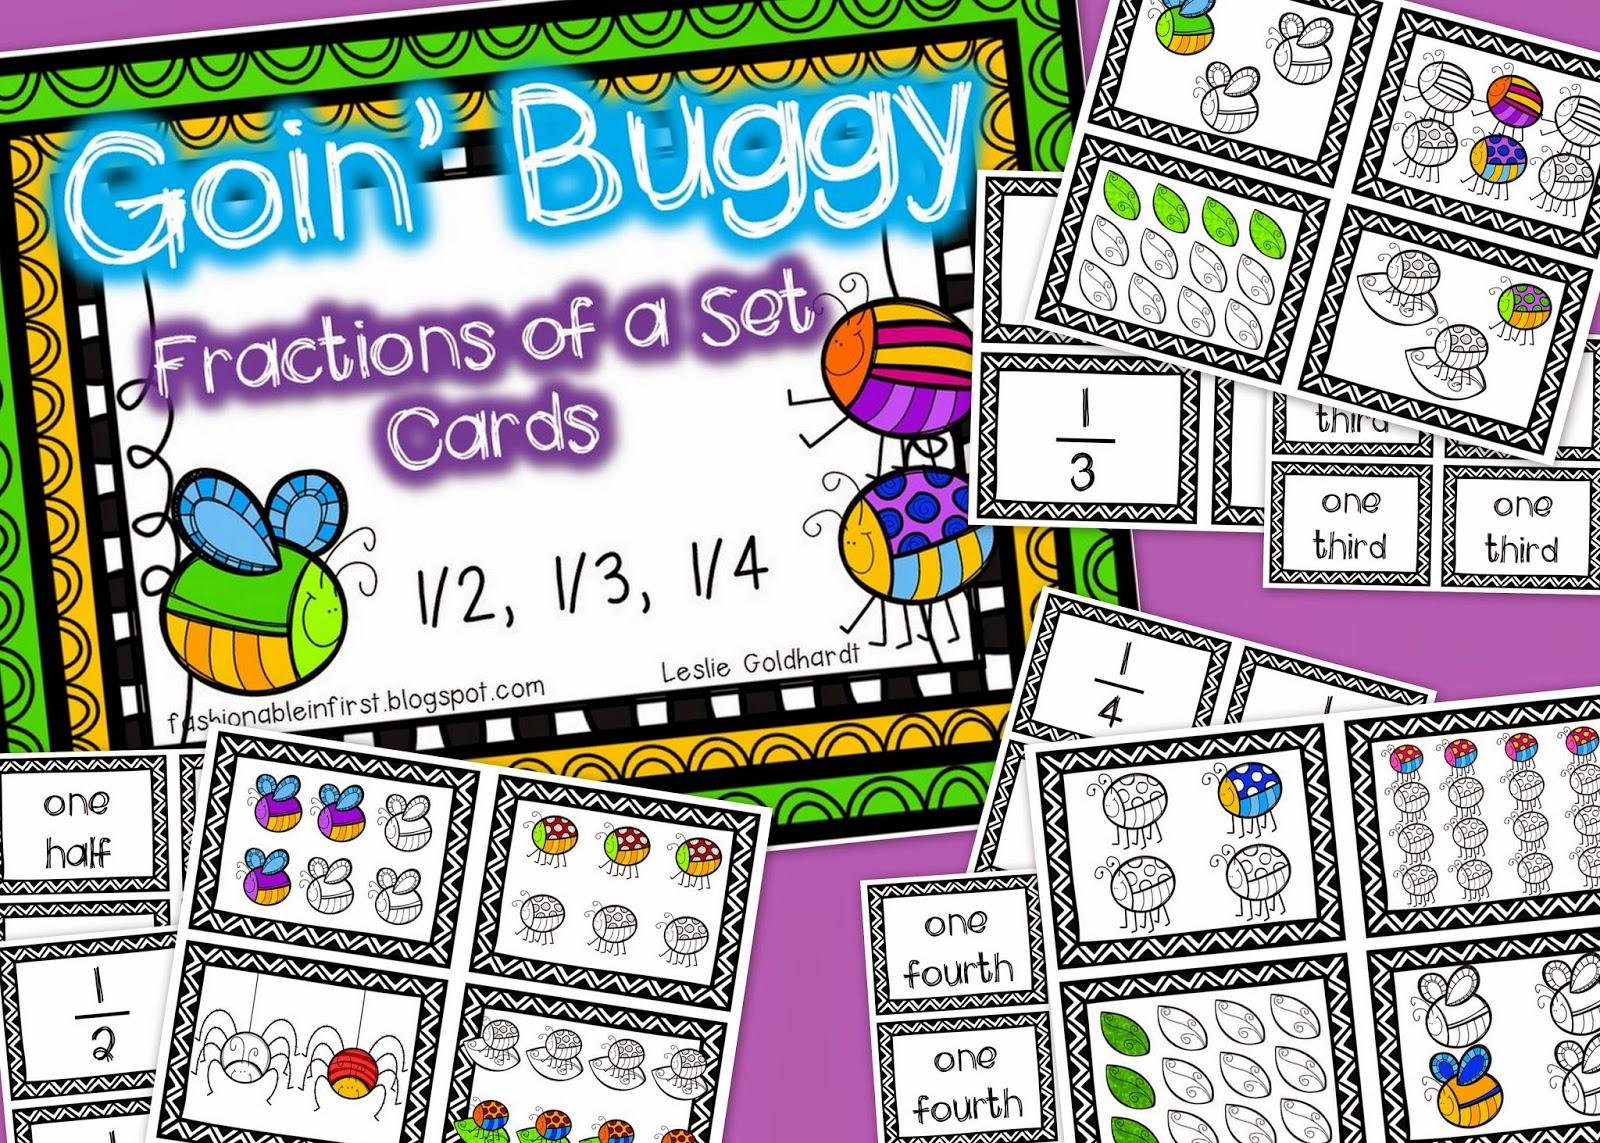 http://www.teacherspayteachers.com/Product/FREEBIE-Goin-Buggy-Fractions-of-a-Set-1205739